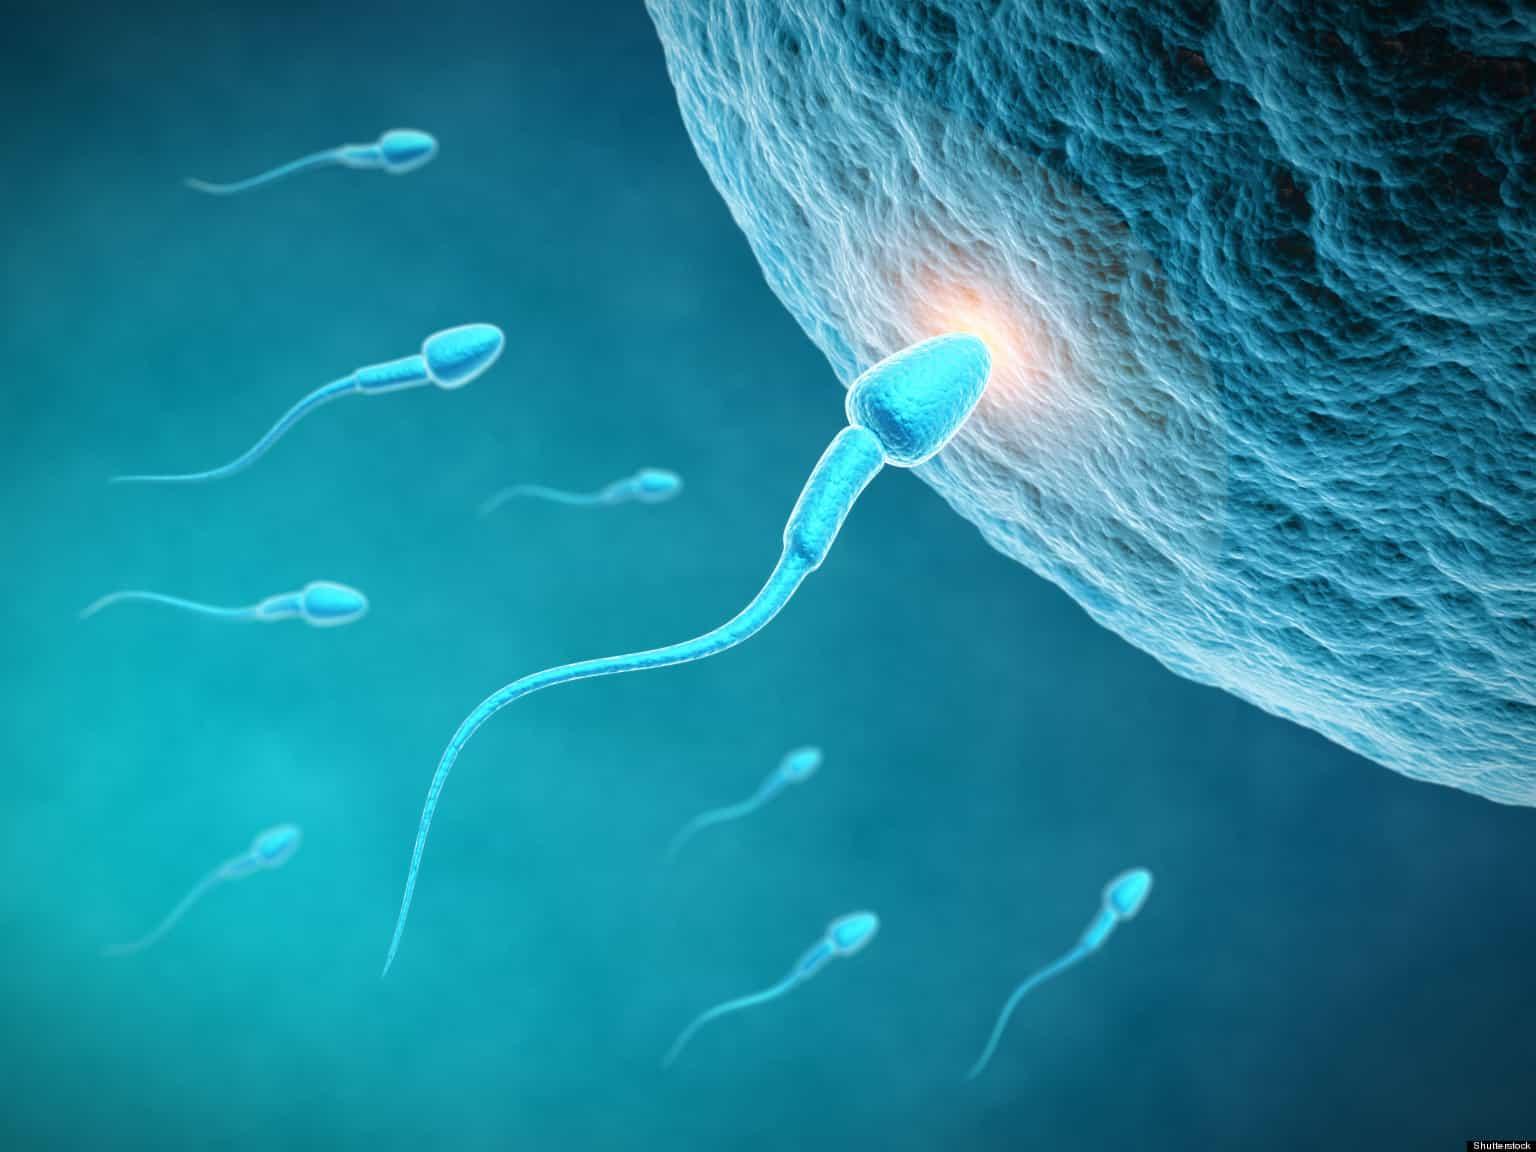 Môi trường sống làm suy giảm chất lượng tinh trùng gây vô sinh